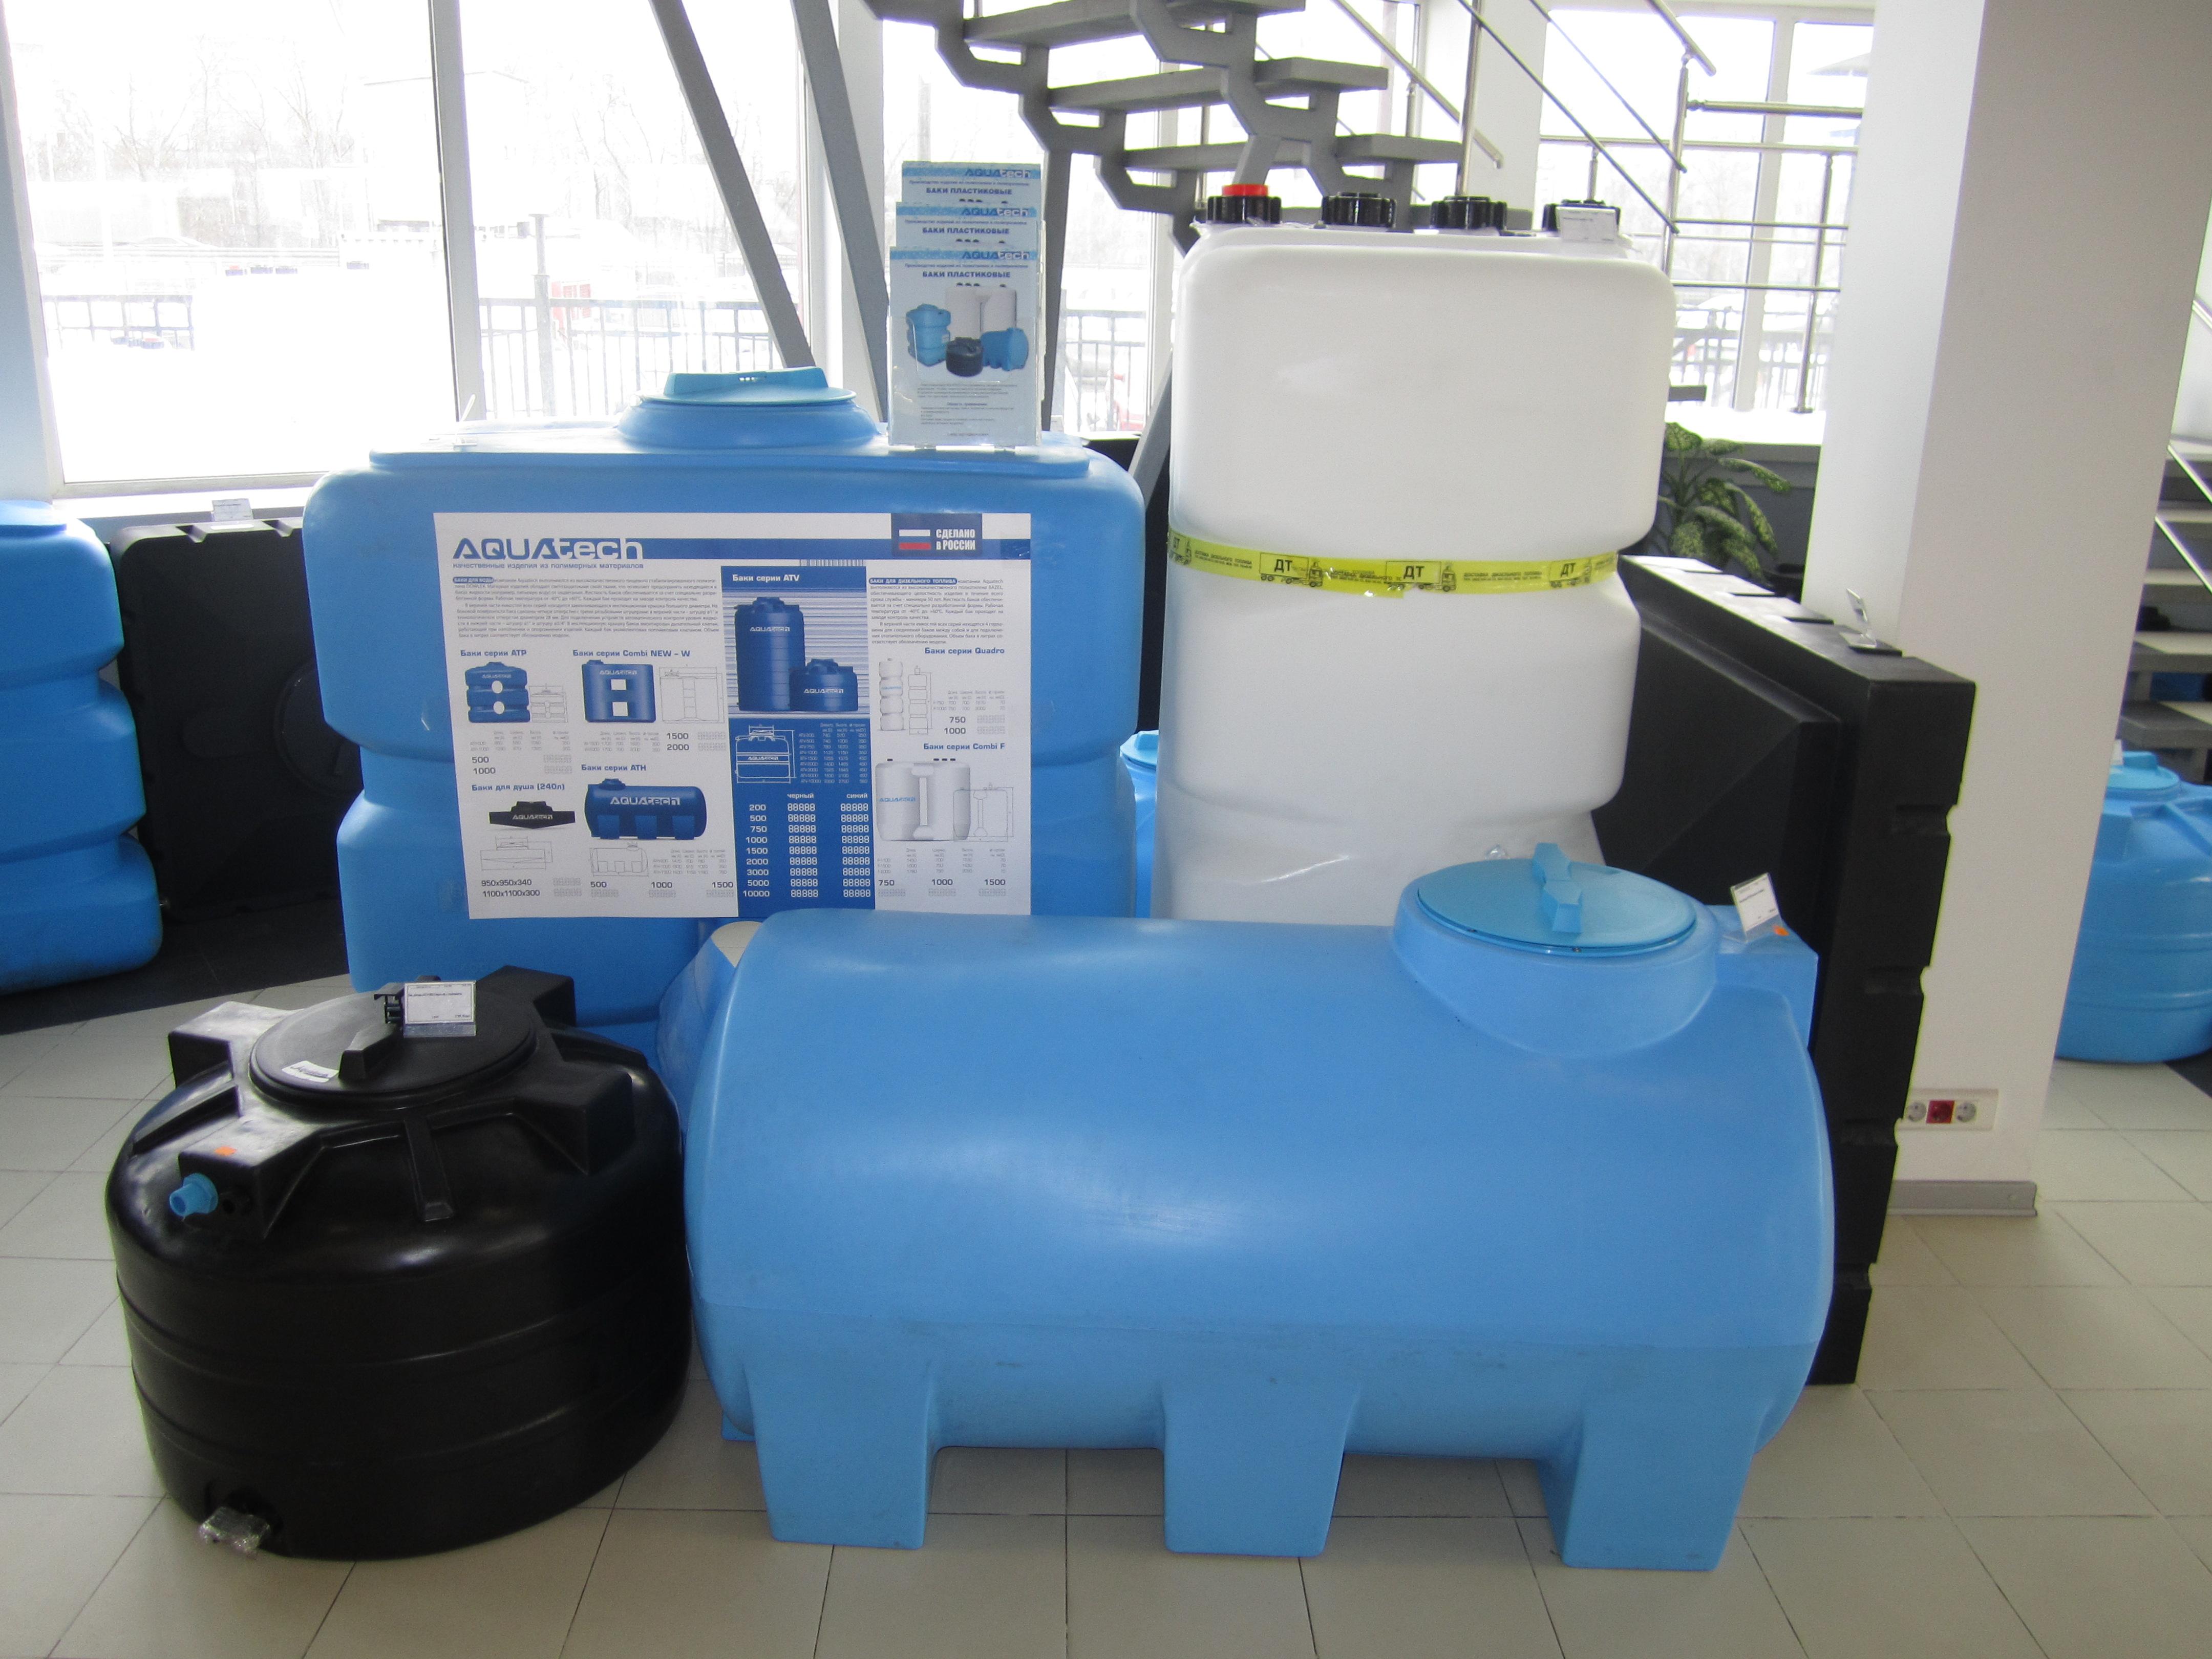 Продам пластиковые баки для воды aquatech atv, atp, ath, combi со склада в Уфе от производителя.